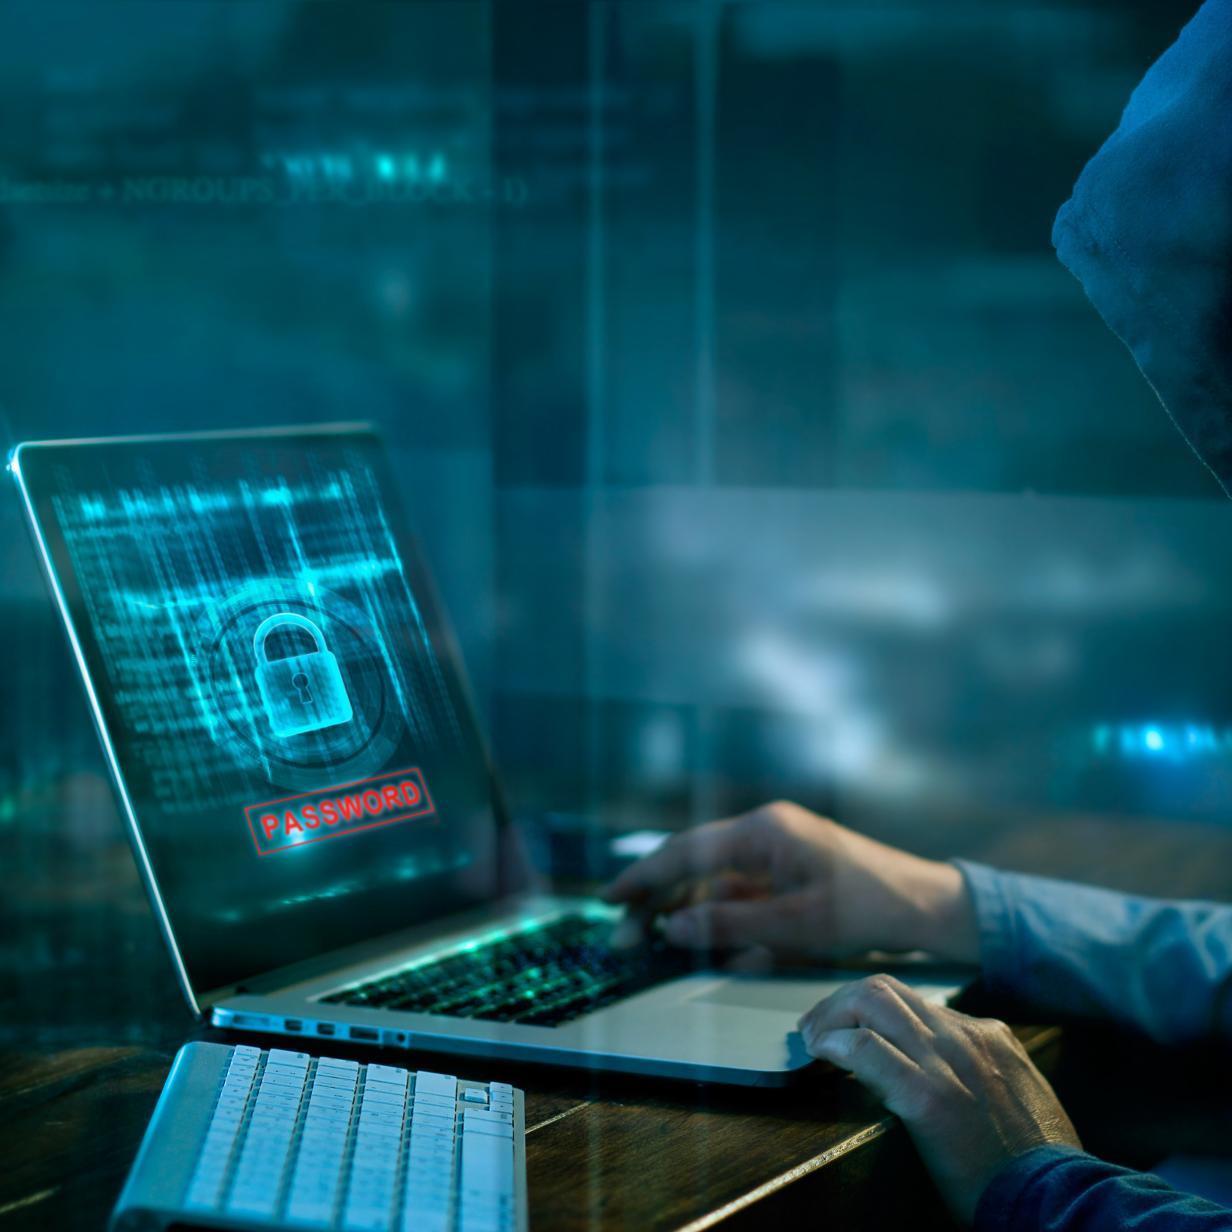 Datenpanne bei Conrad Electronic: 14 Millionen Kundendaten betroffen